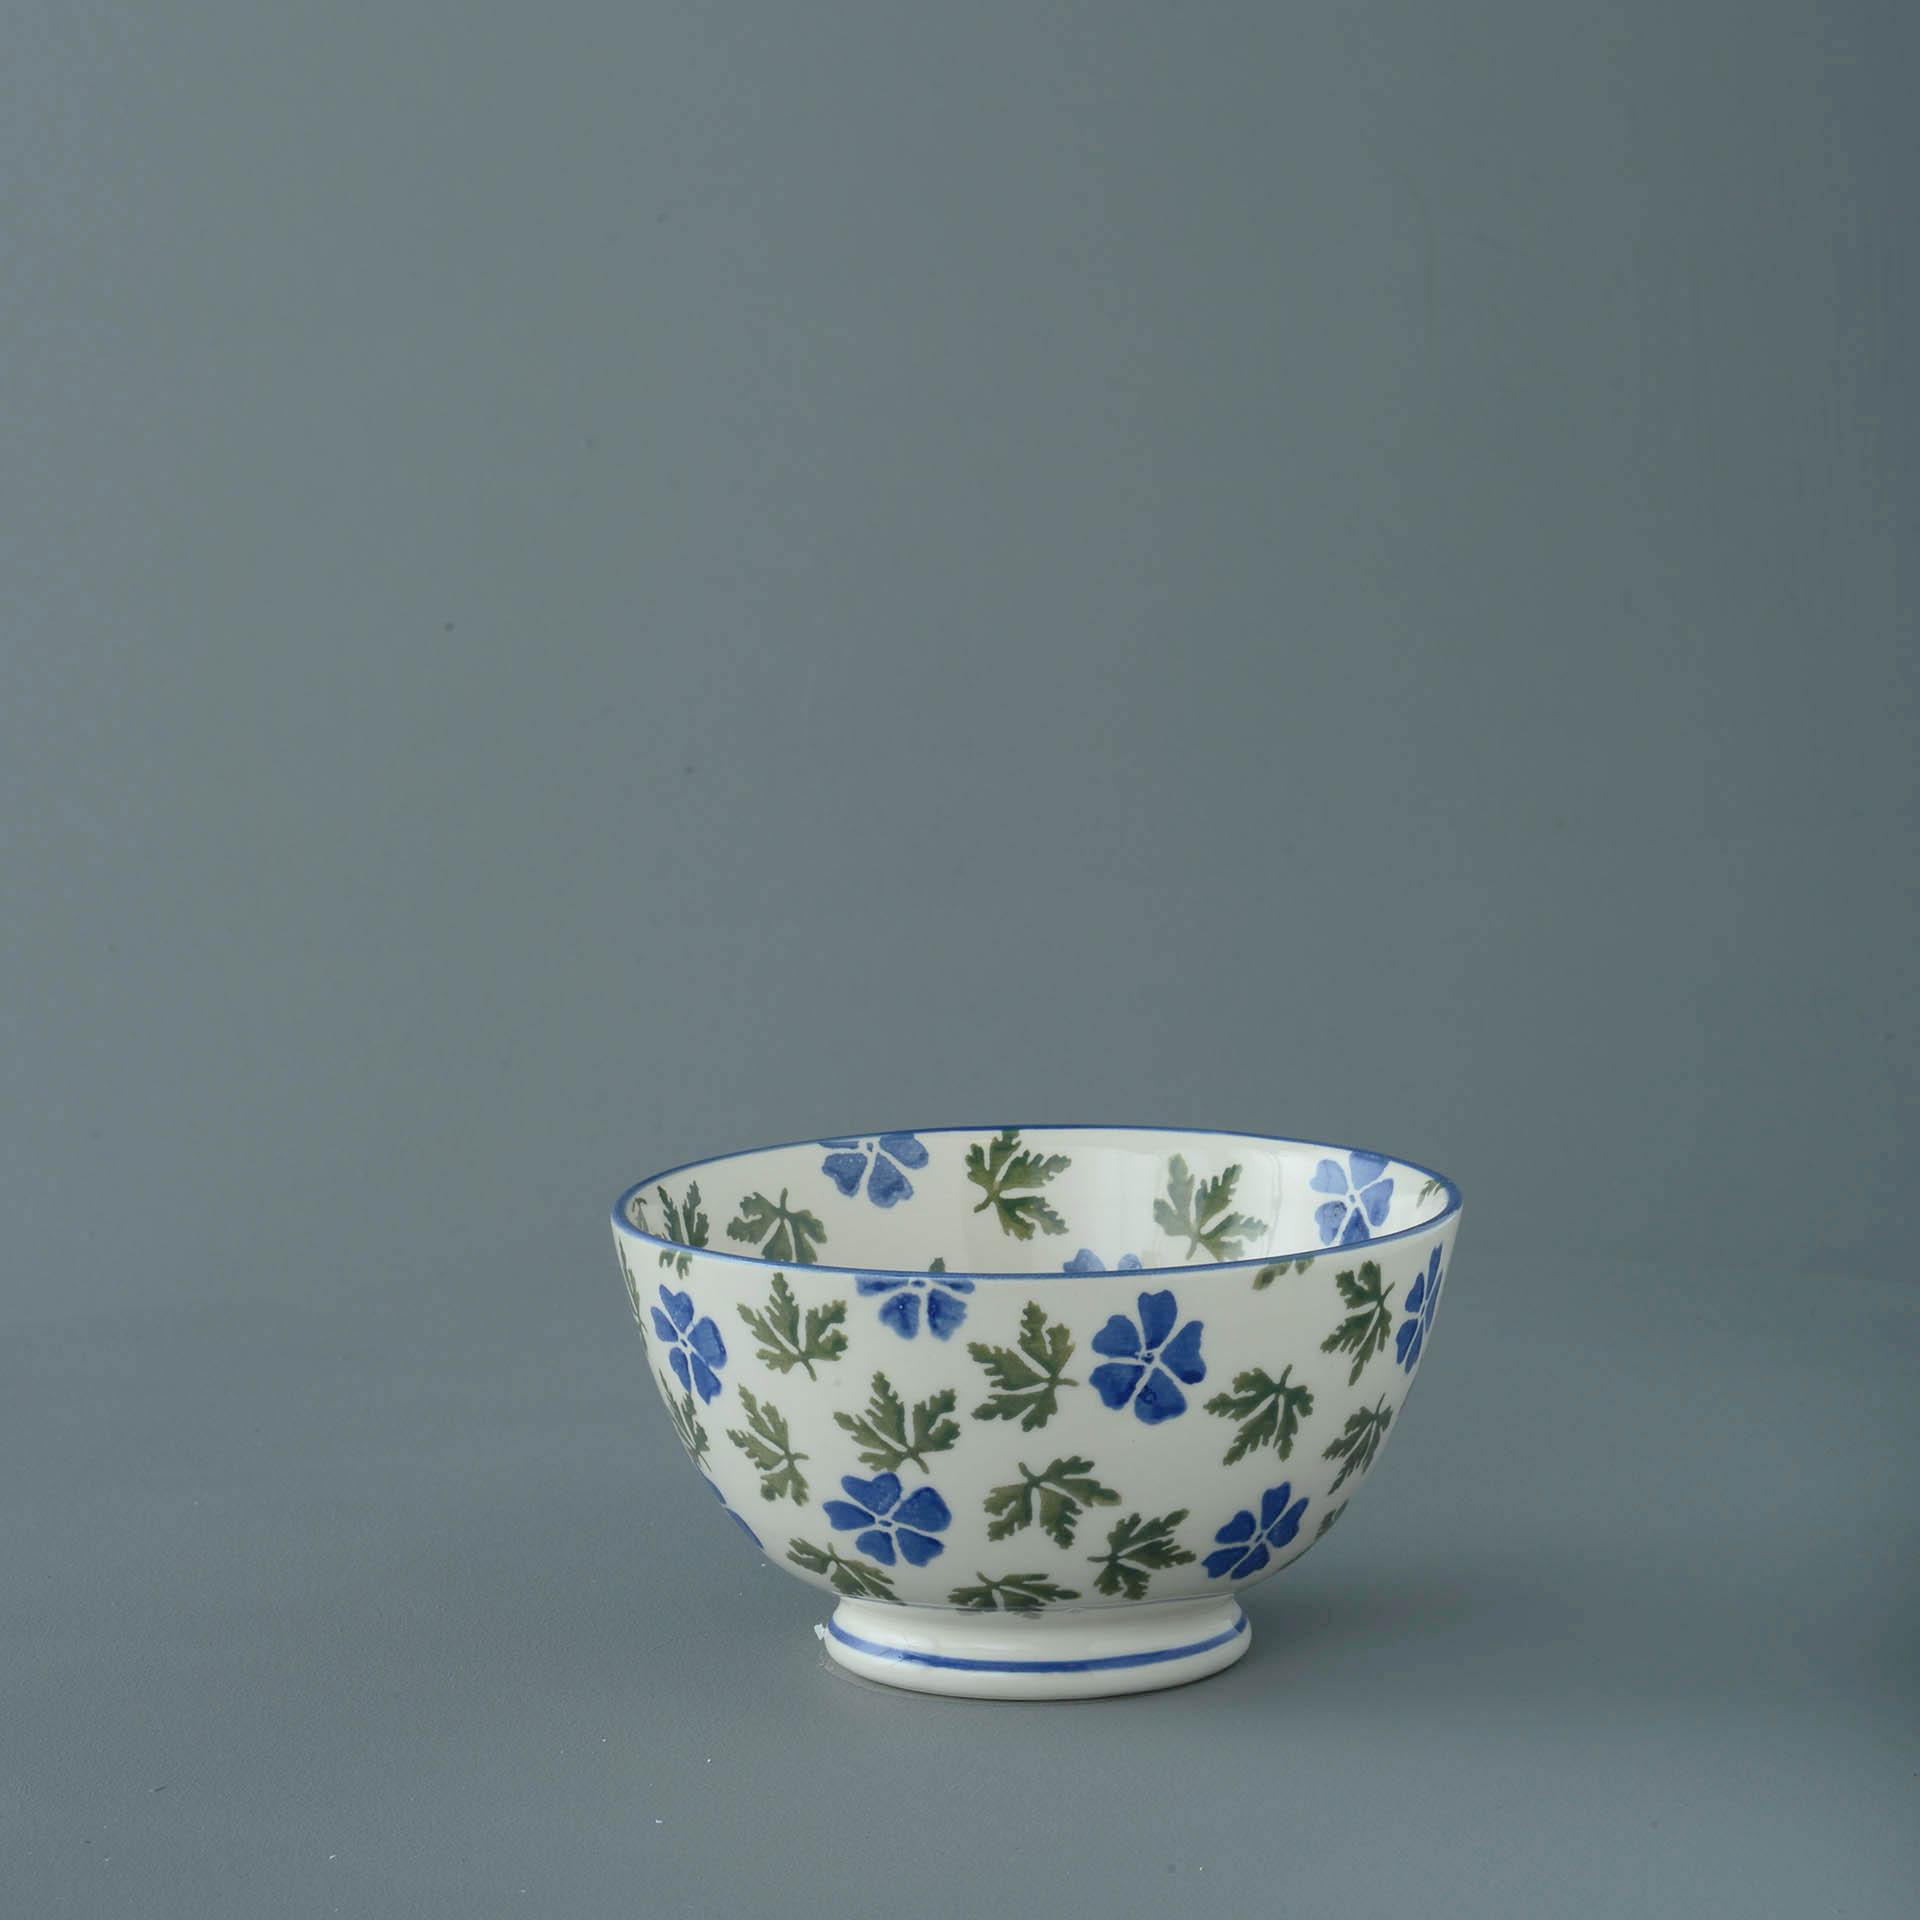 Geranium Cereal Bowl 7 x 13cm